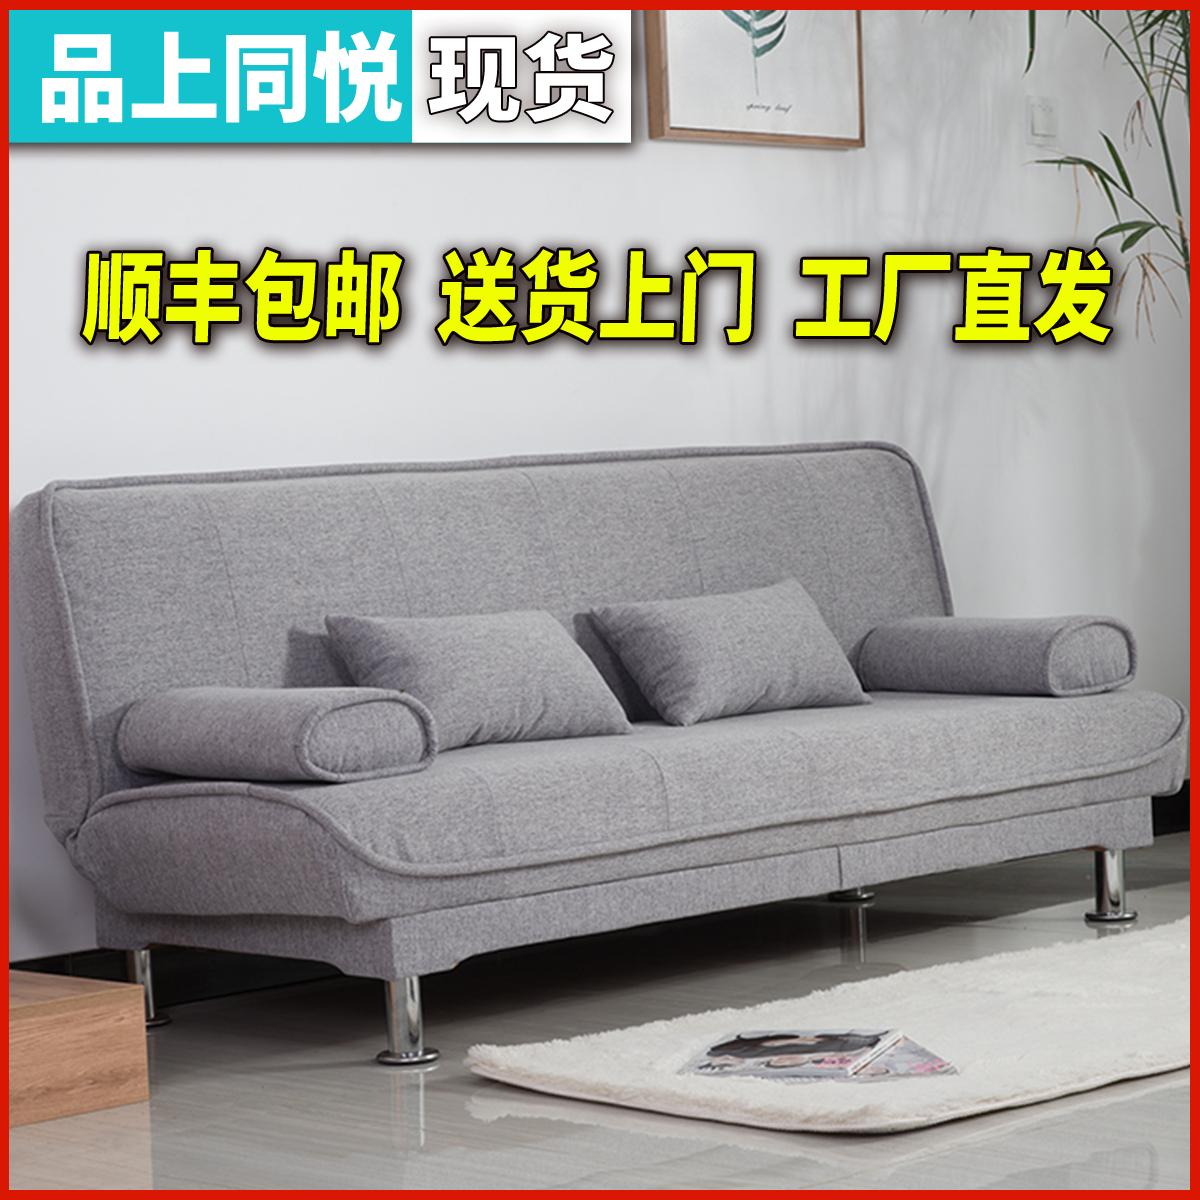 沙发床简易多功能折叠免洗布艺沙发小户型客厅家具沙发懒人沙发床